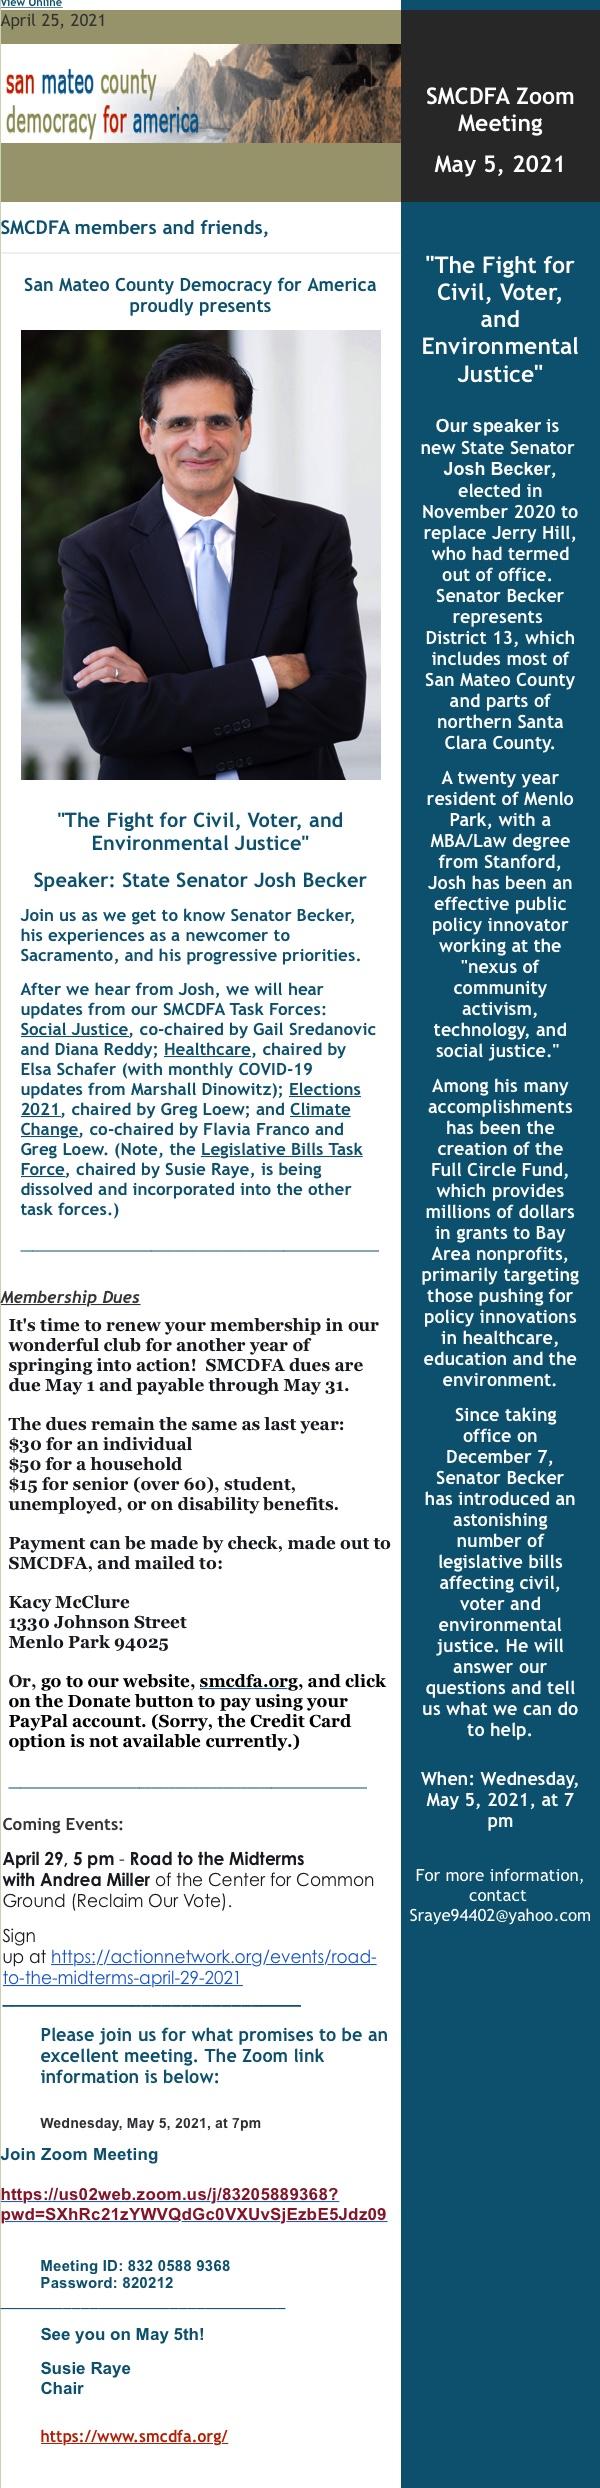 SMCDFA_April_newsletter.jpg